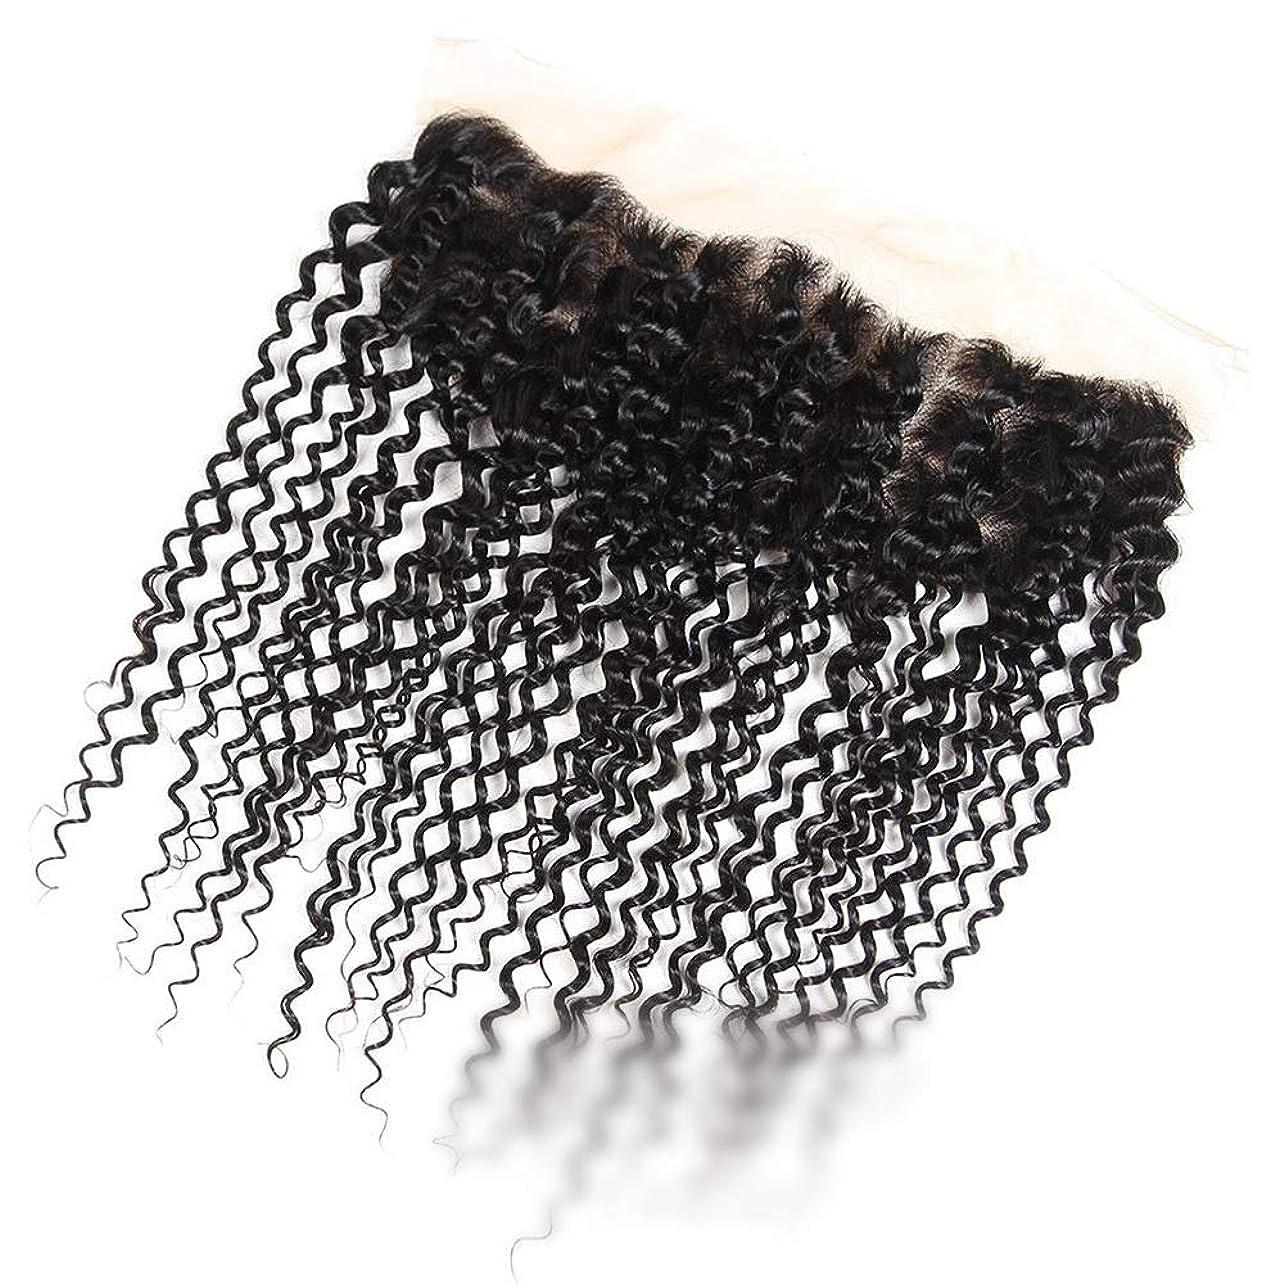 優しさ必要性超えるMayalina ブラジルのジェリーカーリーウェーブ人間の髪の毛の自由な部分13×4インチレース前頭閉鎖ナチュラルカラーショートウィッグショートカーリーウィッグ (色 : 黒, サイズ : 12 inch)